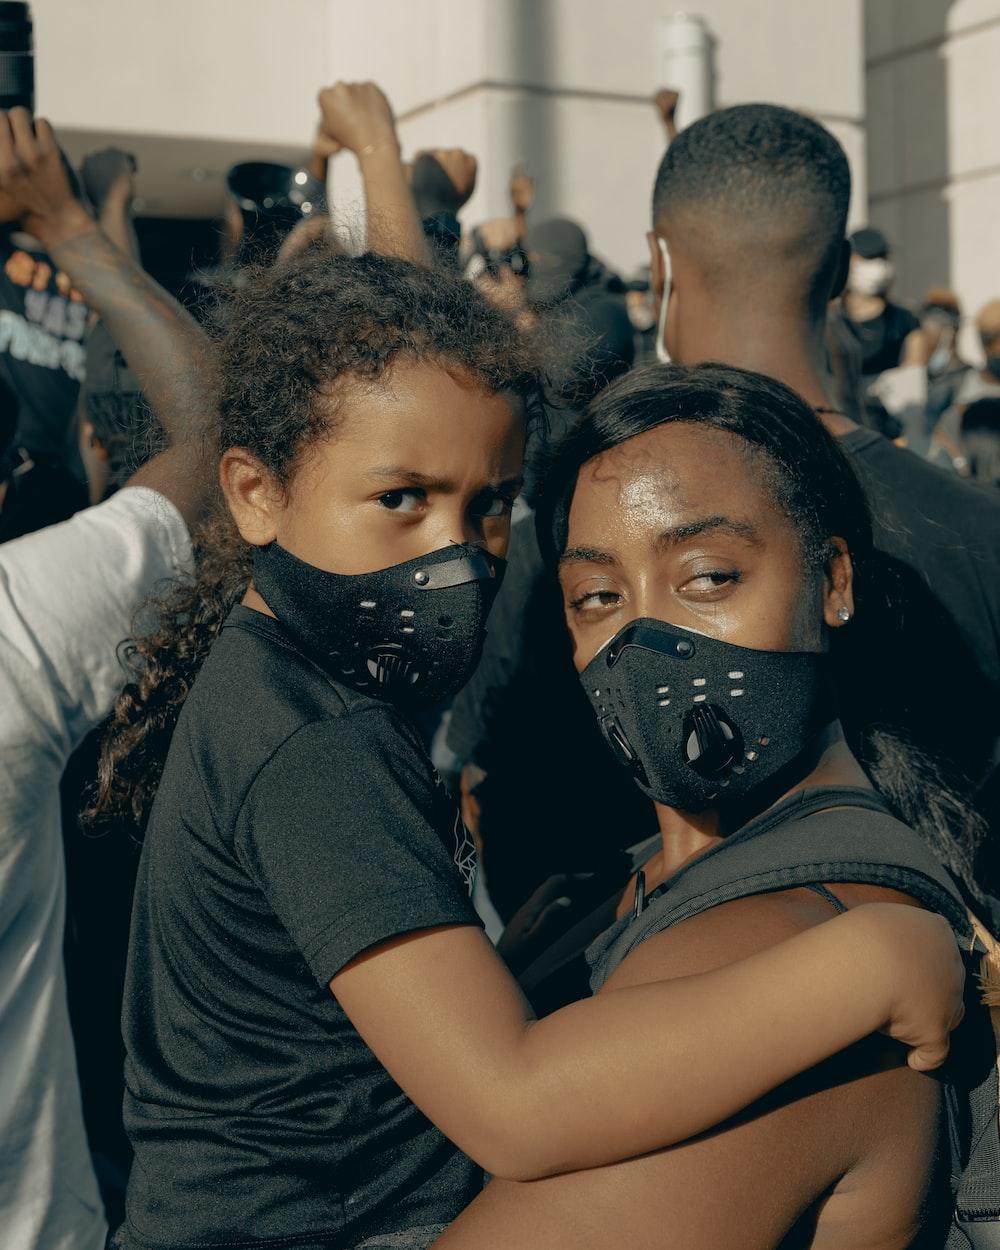 man in black crew neck t-shirt wearing black mask